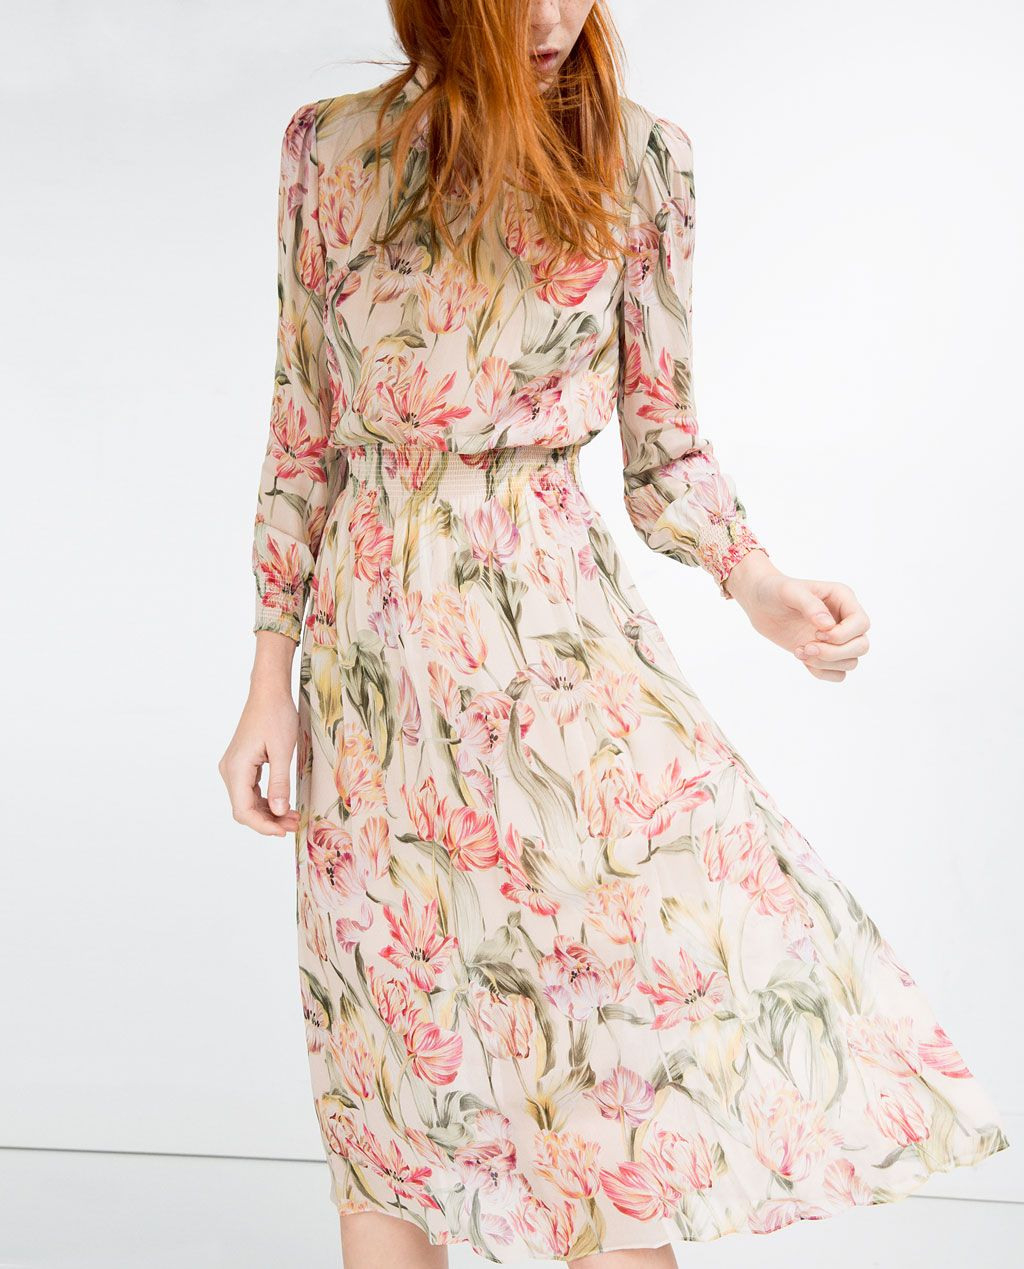 20 Wunderbar Zara Abend Kleider für 2019 Elegant Zara Abend Kleider Bester Preis